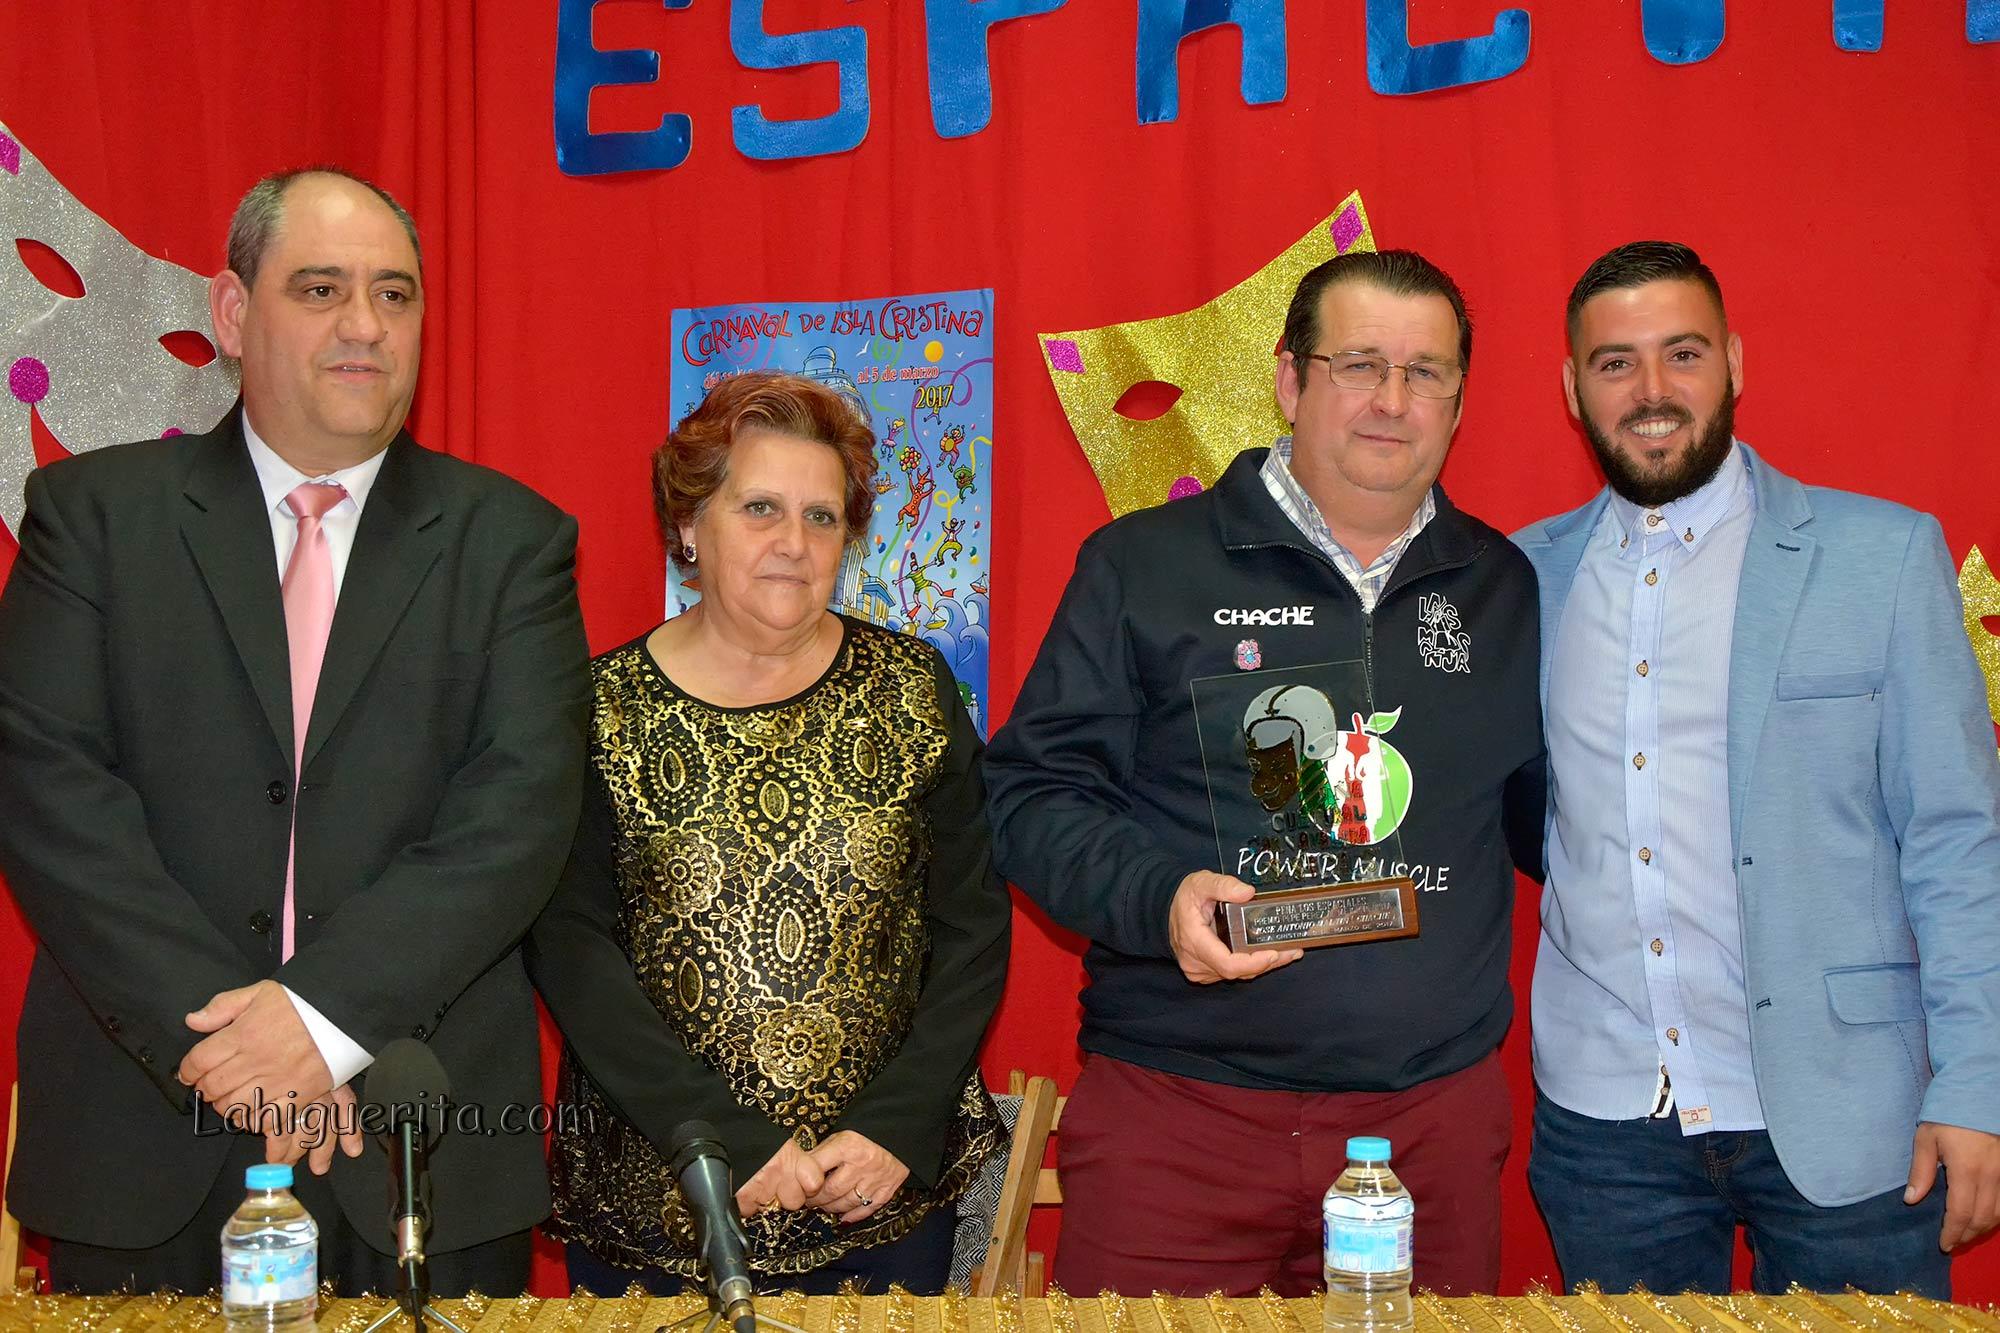 Premios otorgados en el Carnaval de Isla Cristina 2017